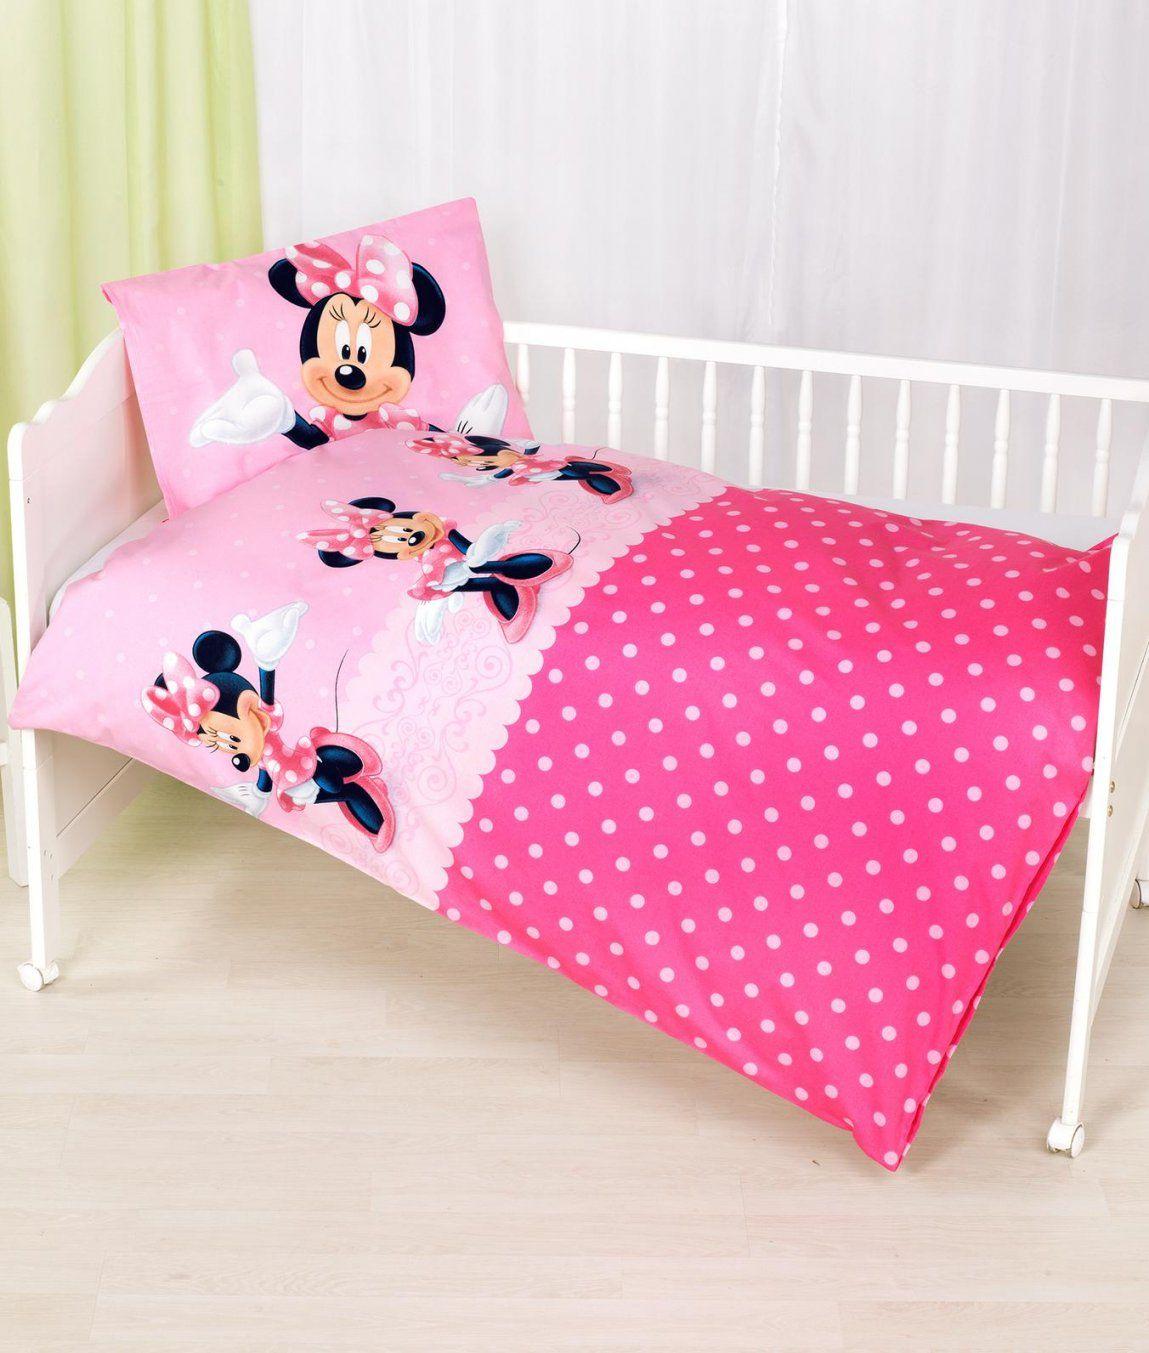 Babybettwäsche Garnitur Minnie Mouse Kaufen  Angela Bruderer von Bettwäsche Minnie Maus Bild